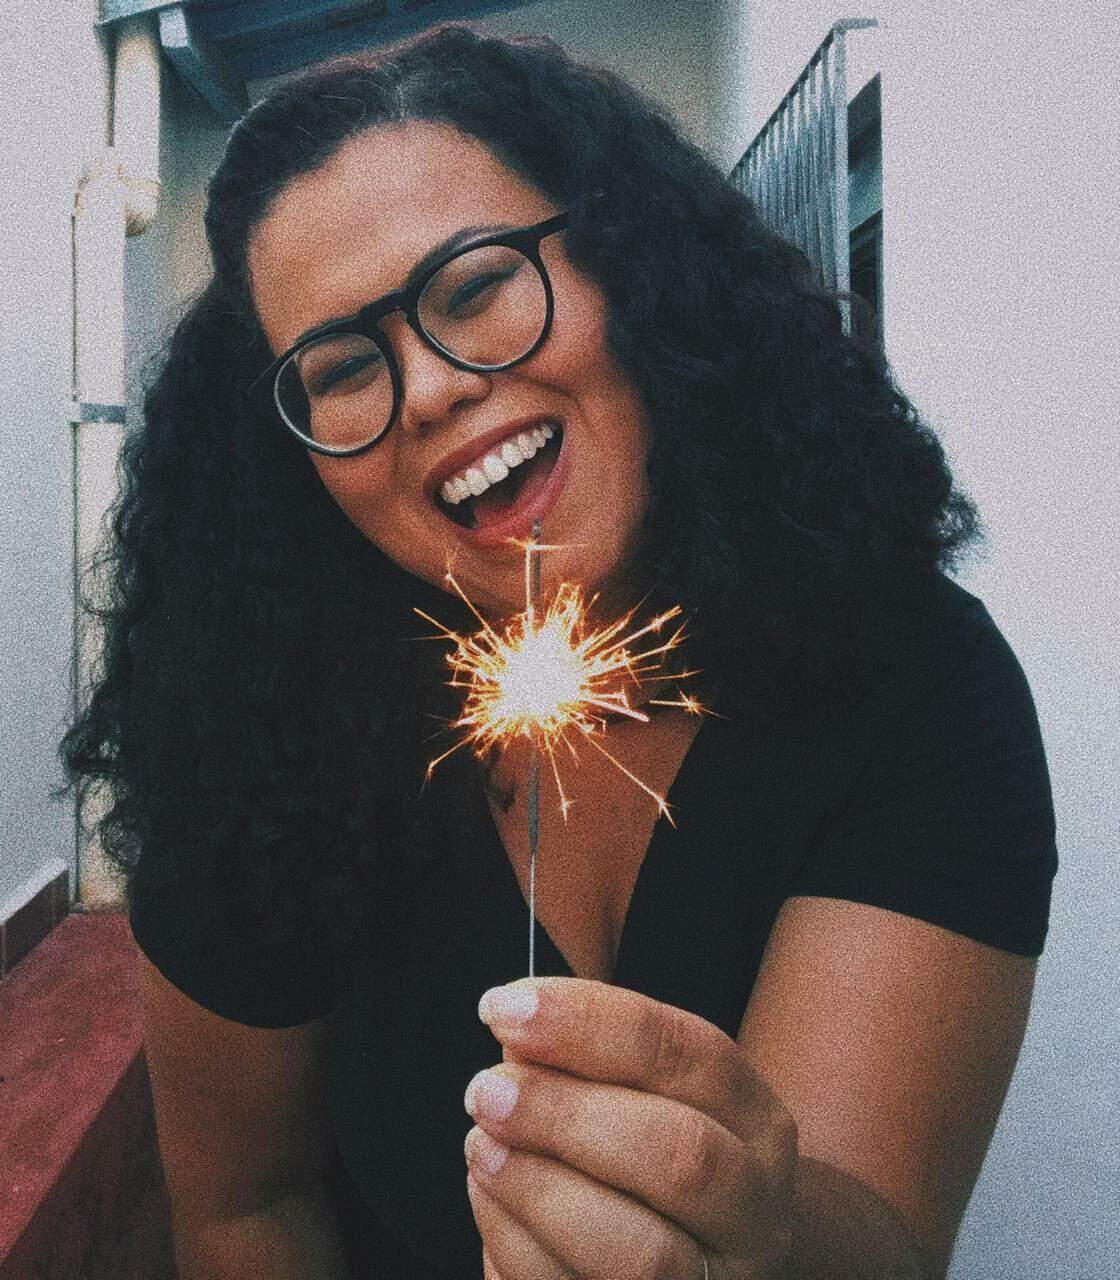 Jaimeína segurando uma vela de aniversário. (Foto: Arquivo pessoal)